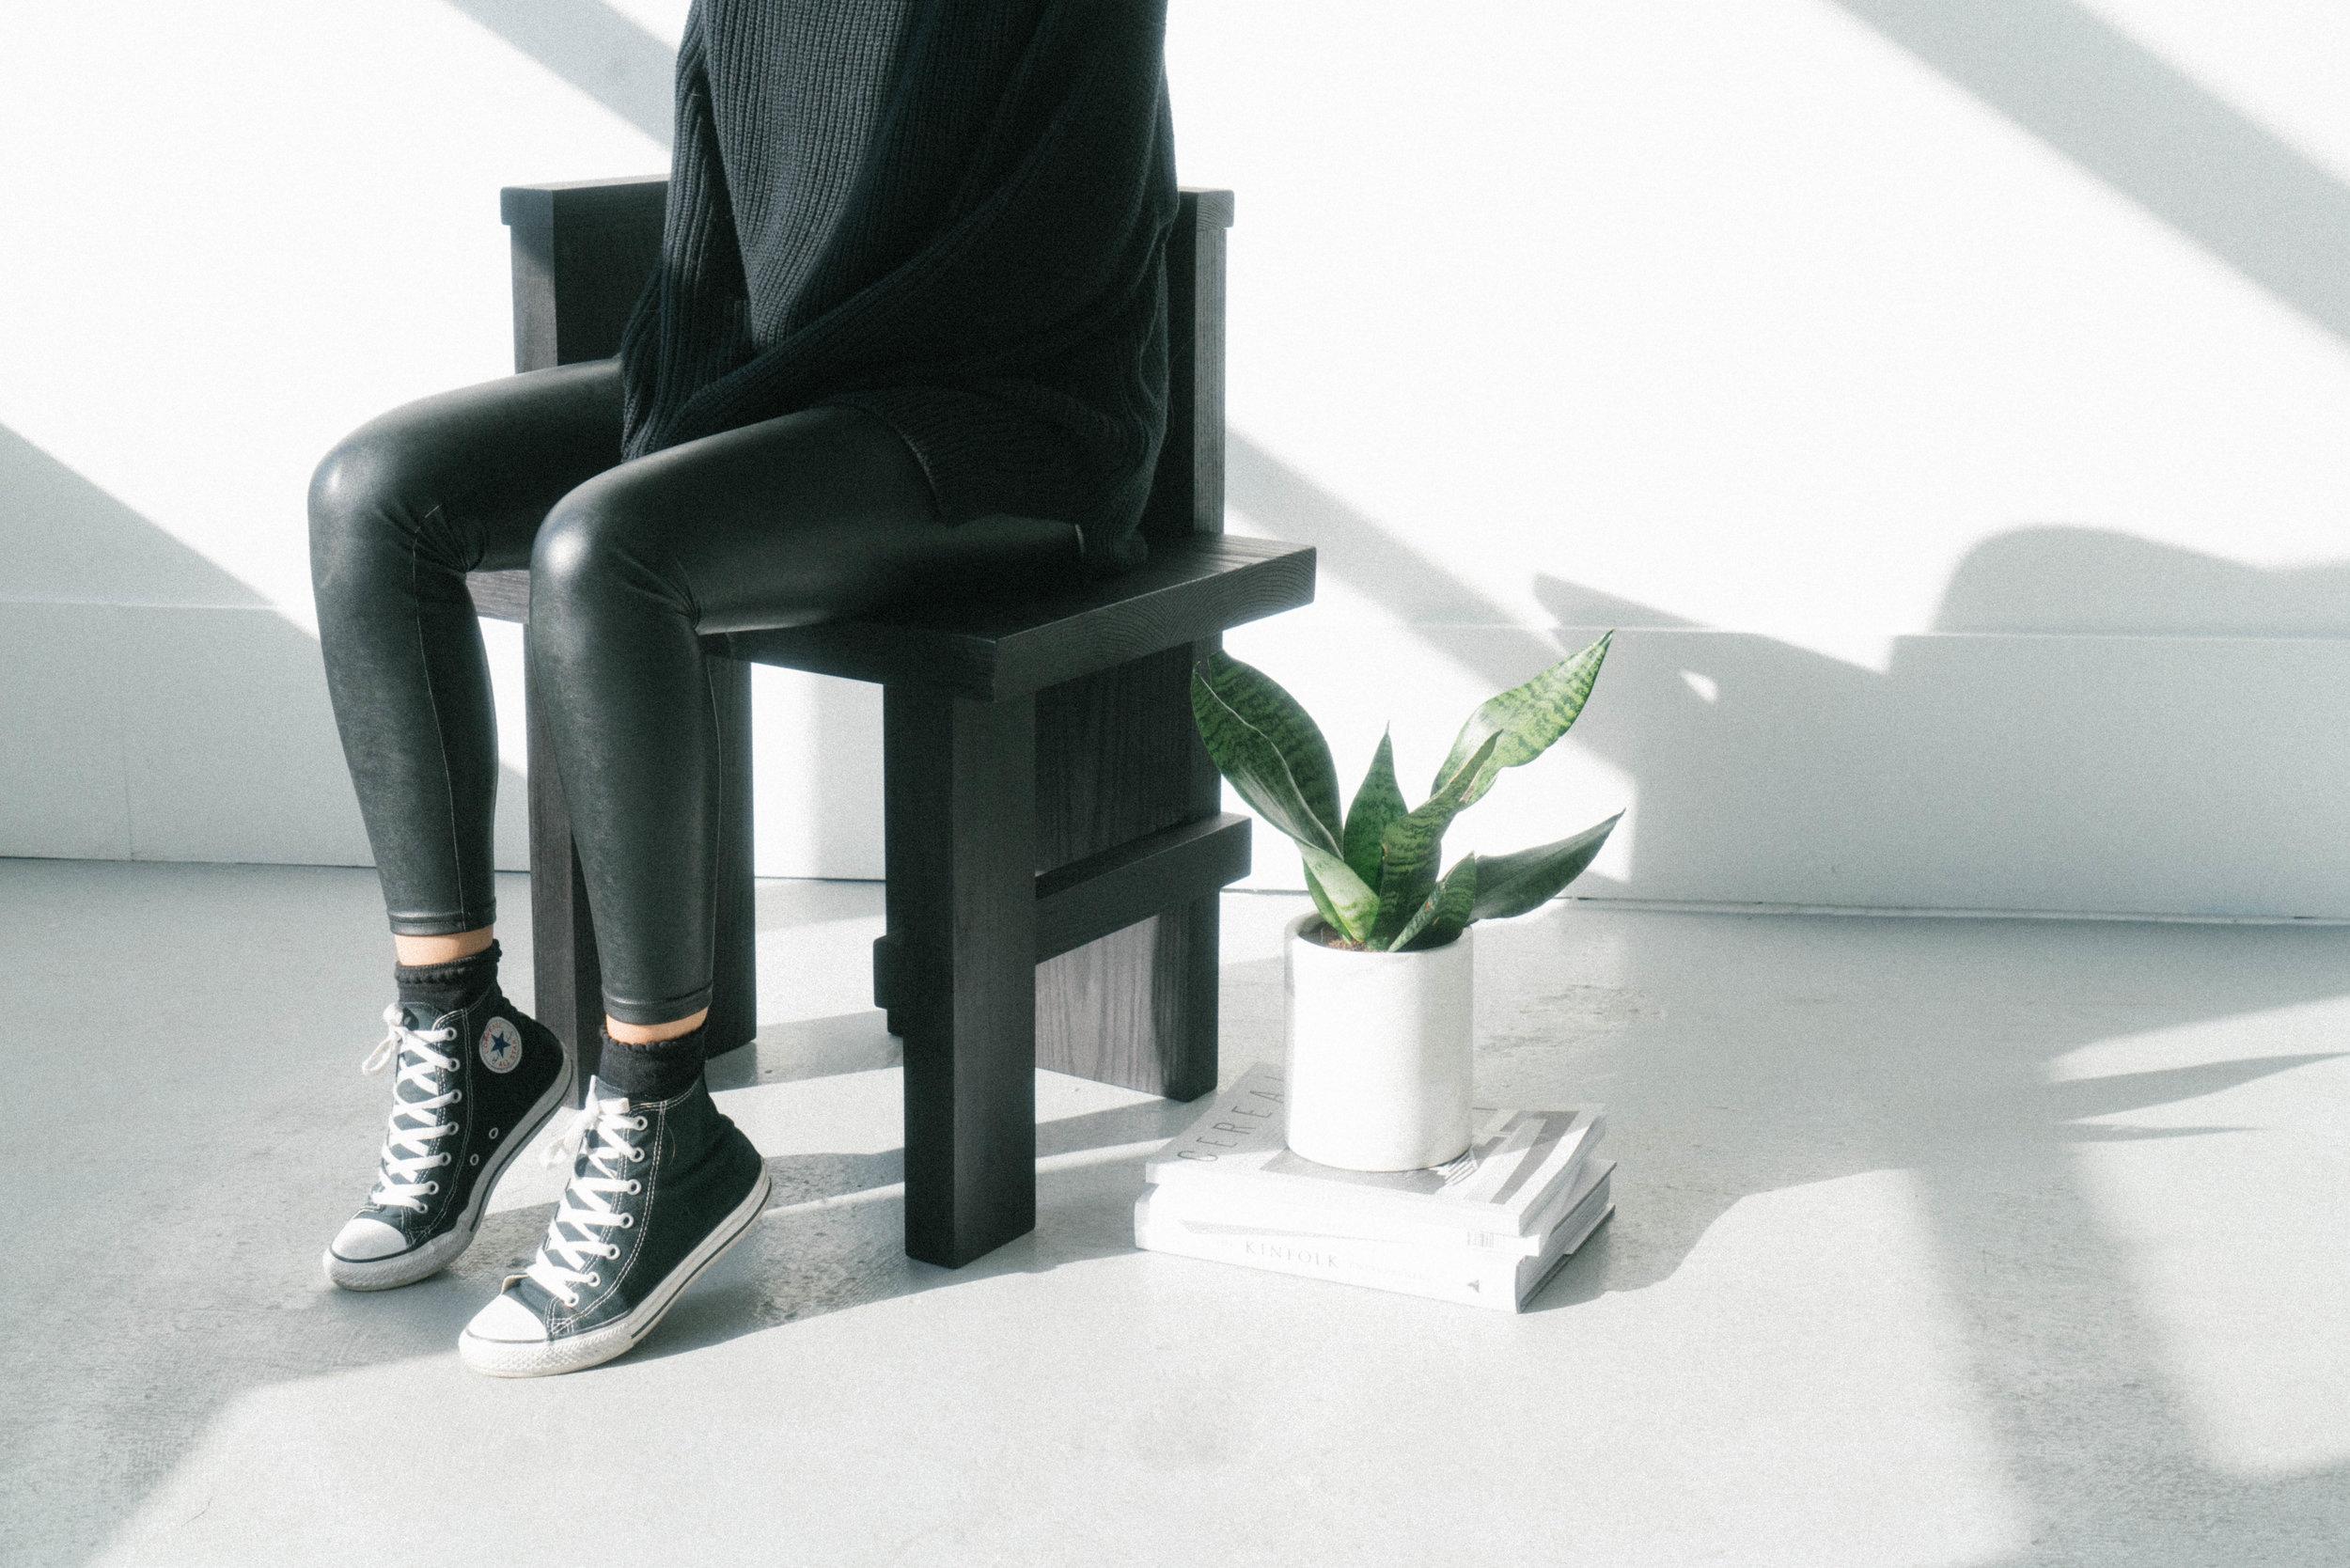 sculpturalchair7_s.jpg